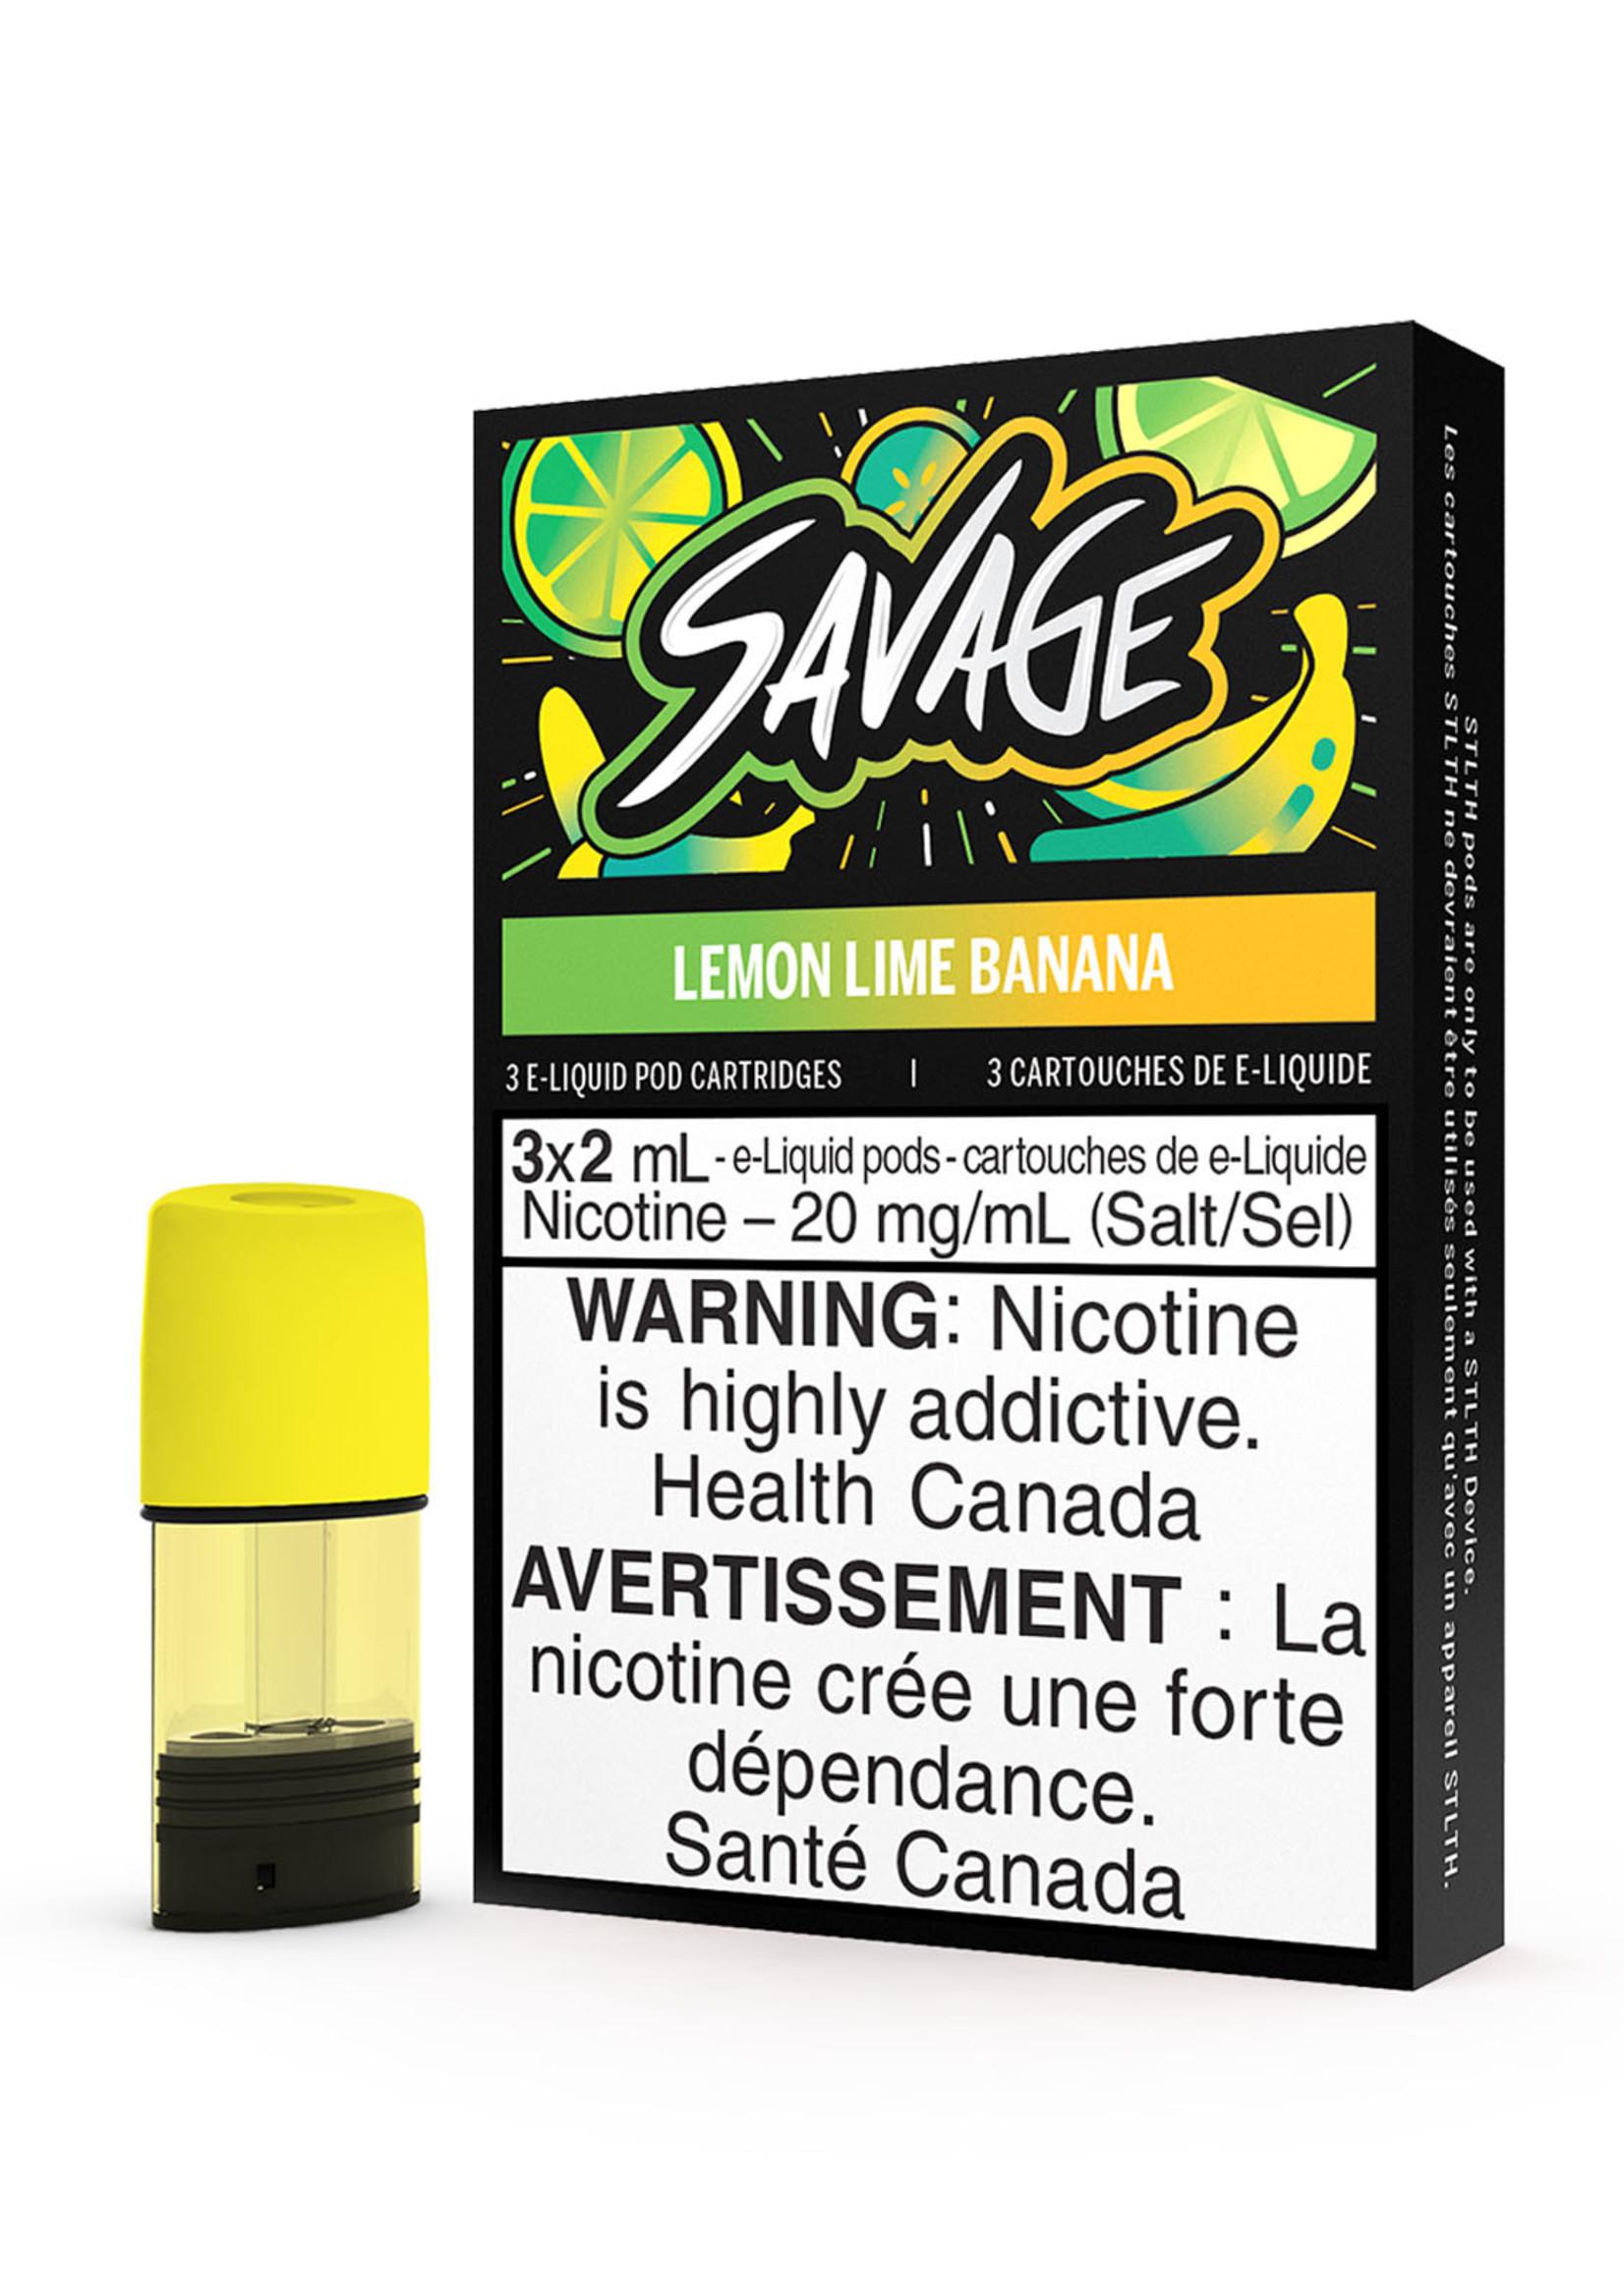 STLTH STLTH Savage Lemon Lime Banana